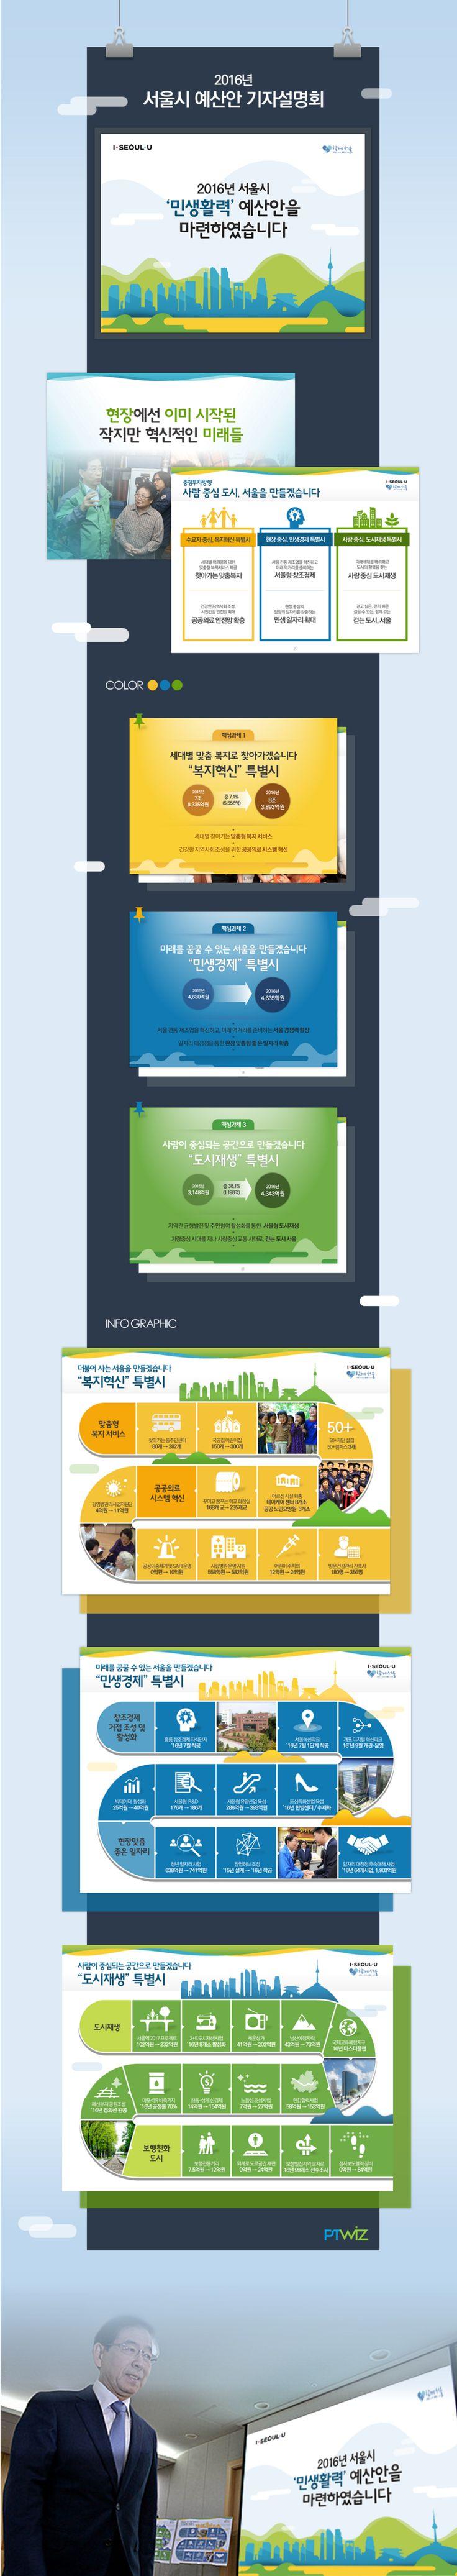 2016년 서울시 예산안 기자설명회 PT & 인포그래픽  Client : Seoul City Designed by ptwiz